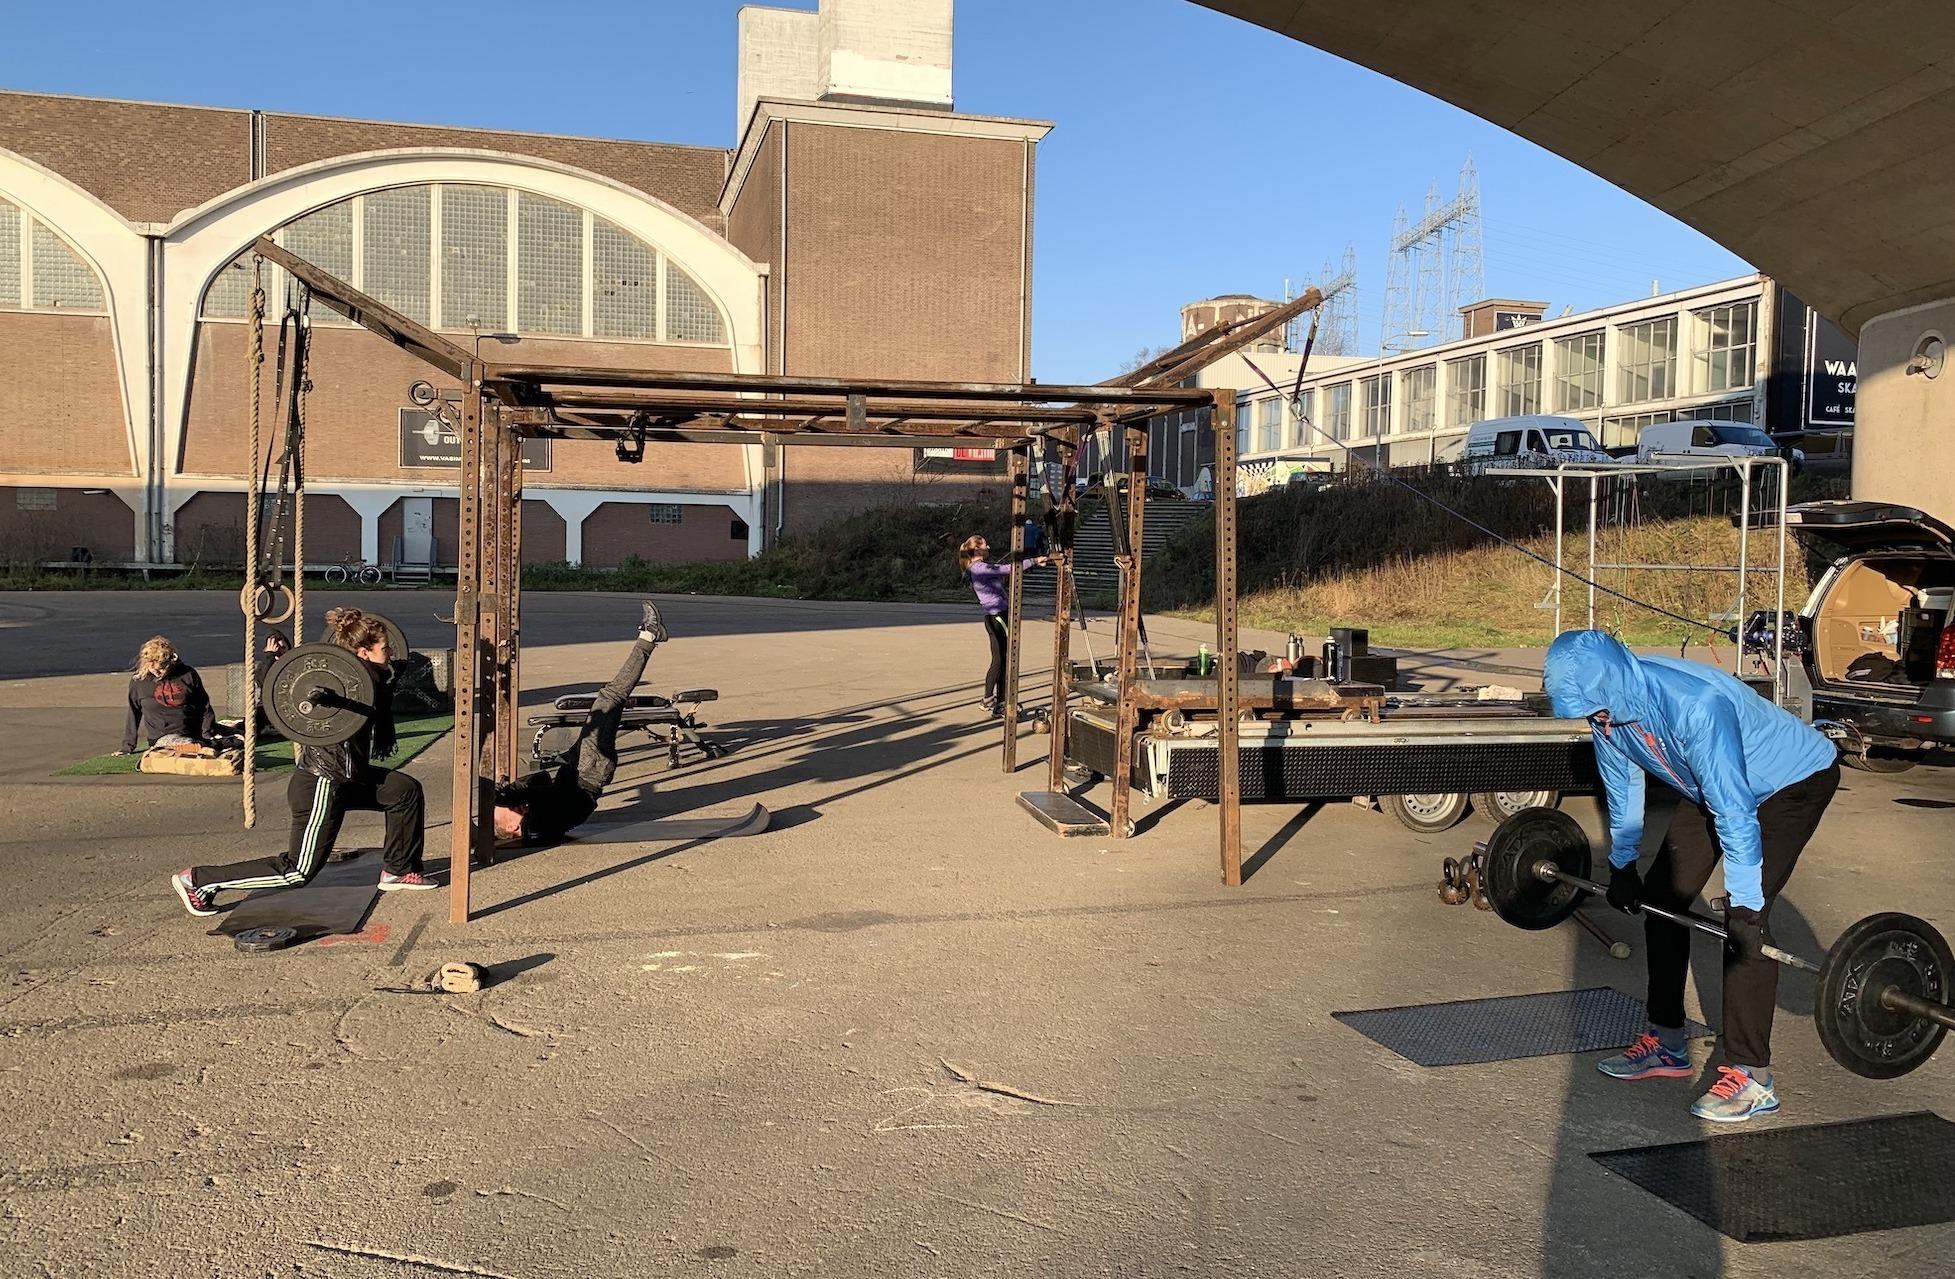 NYMA Outdoor Gym - De Sportschool in Nijmegen met sportende mensen